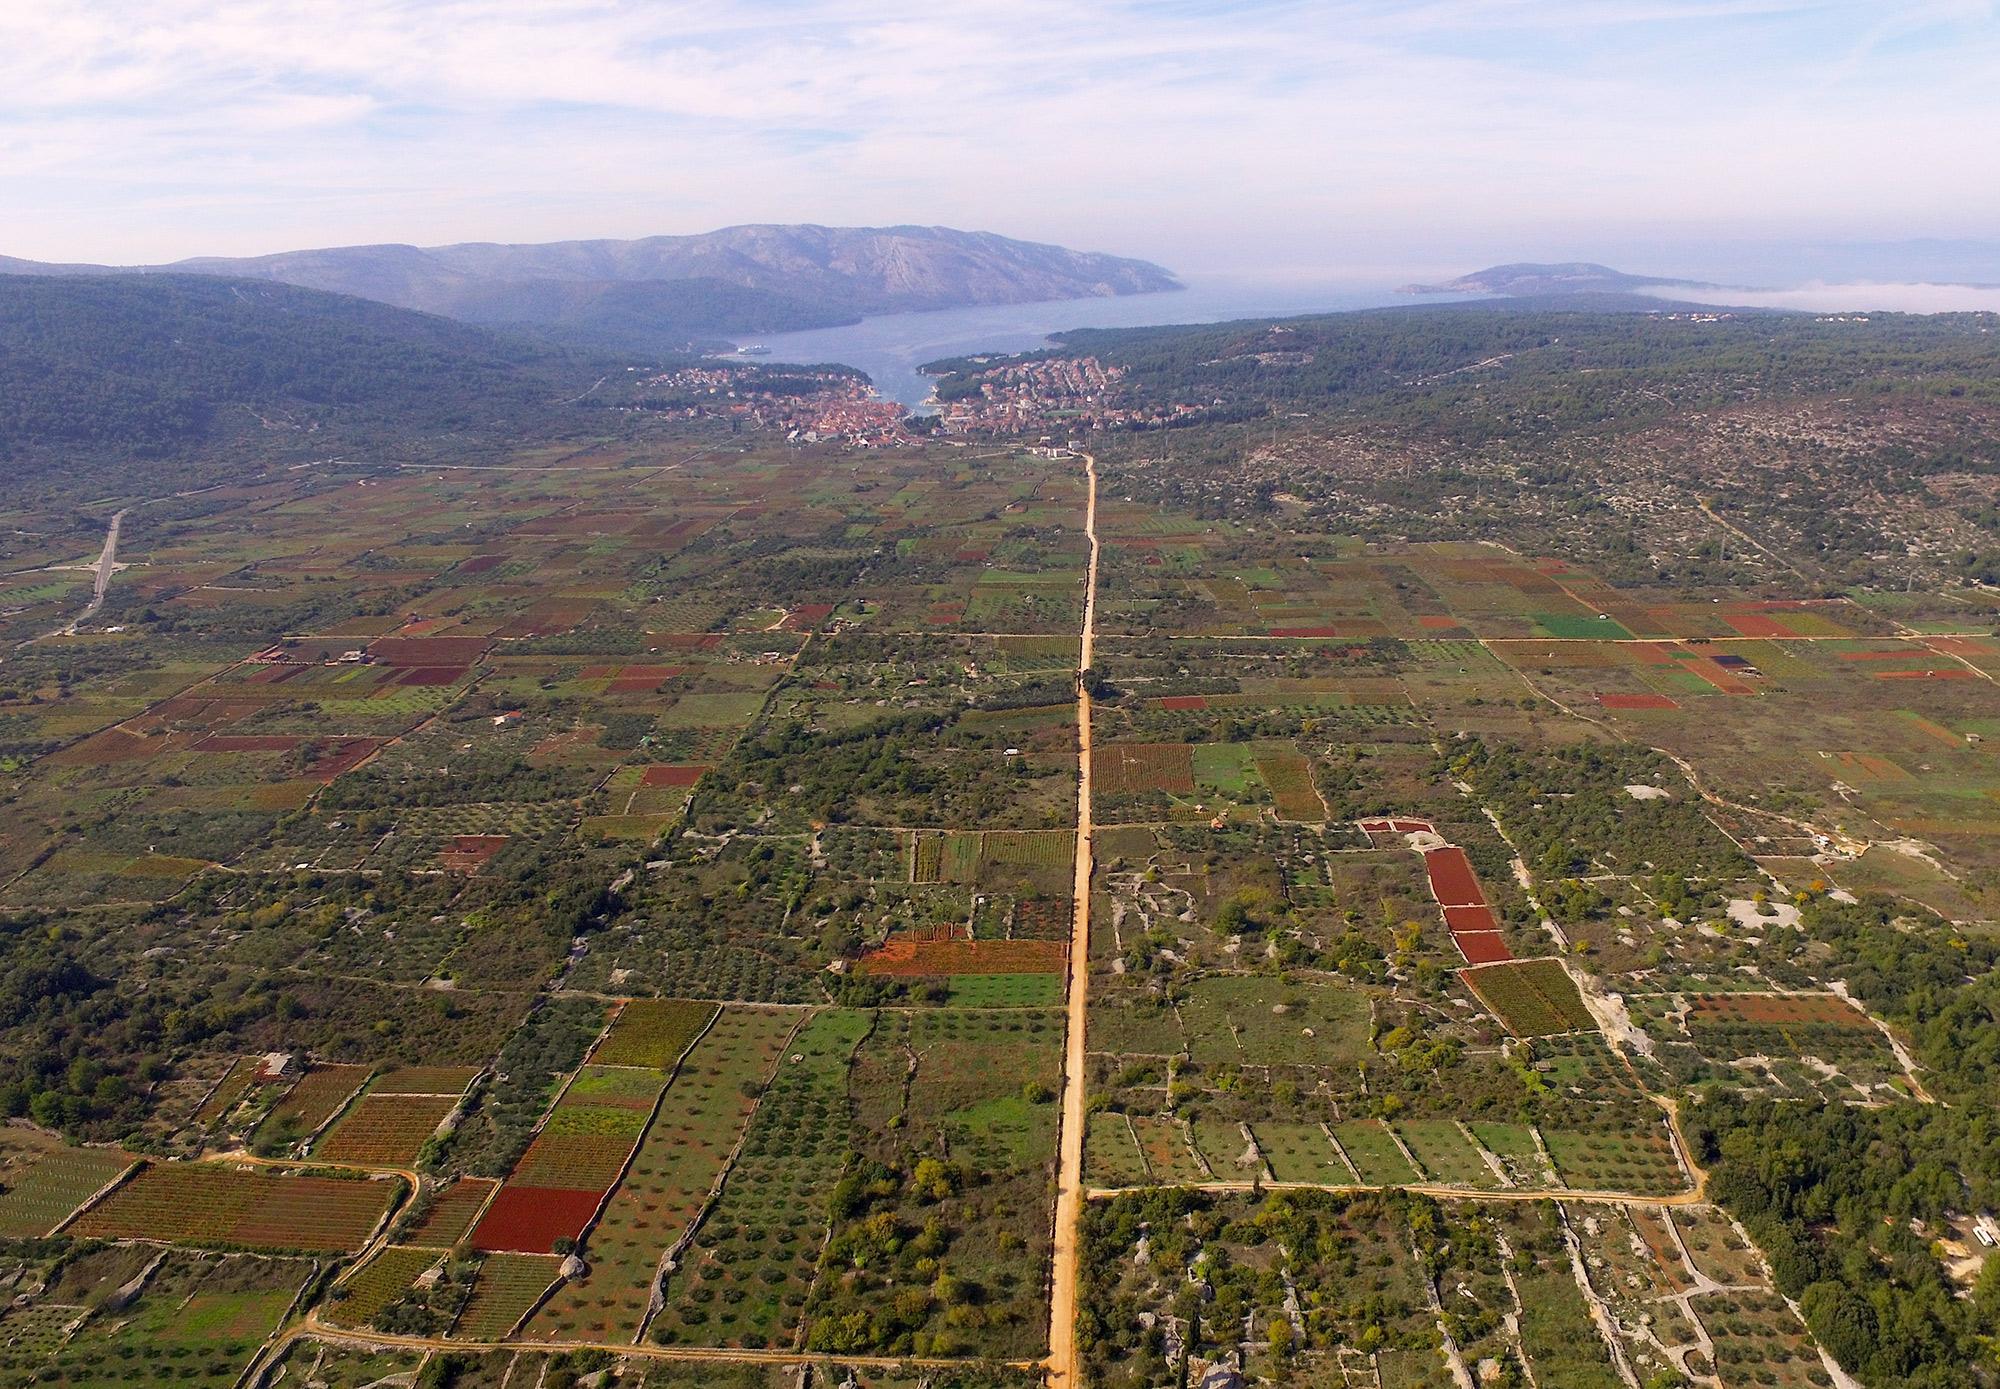 希腊殖民者设置的地块系统一直得到沿用,24个世纪之前直至今日,这里一直种植着葡萄和橄榄。– © Stari Grad Plain